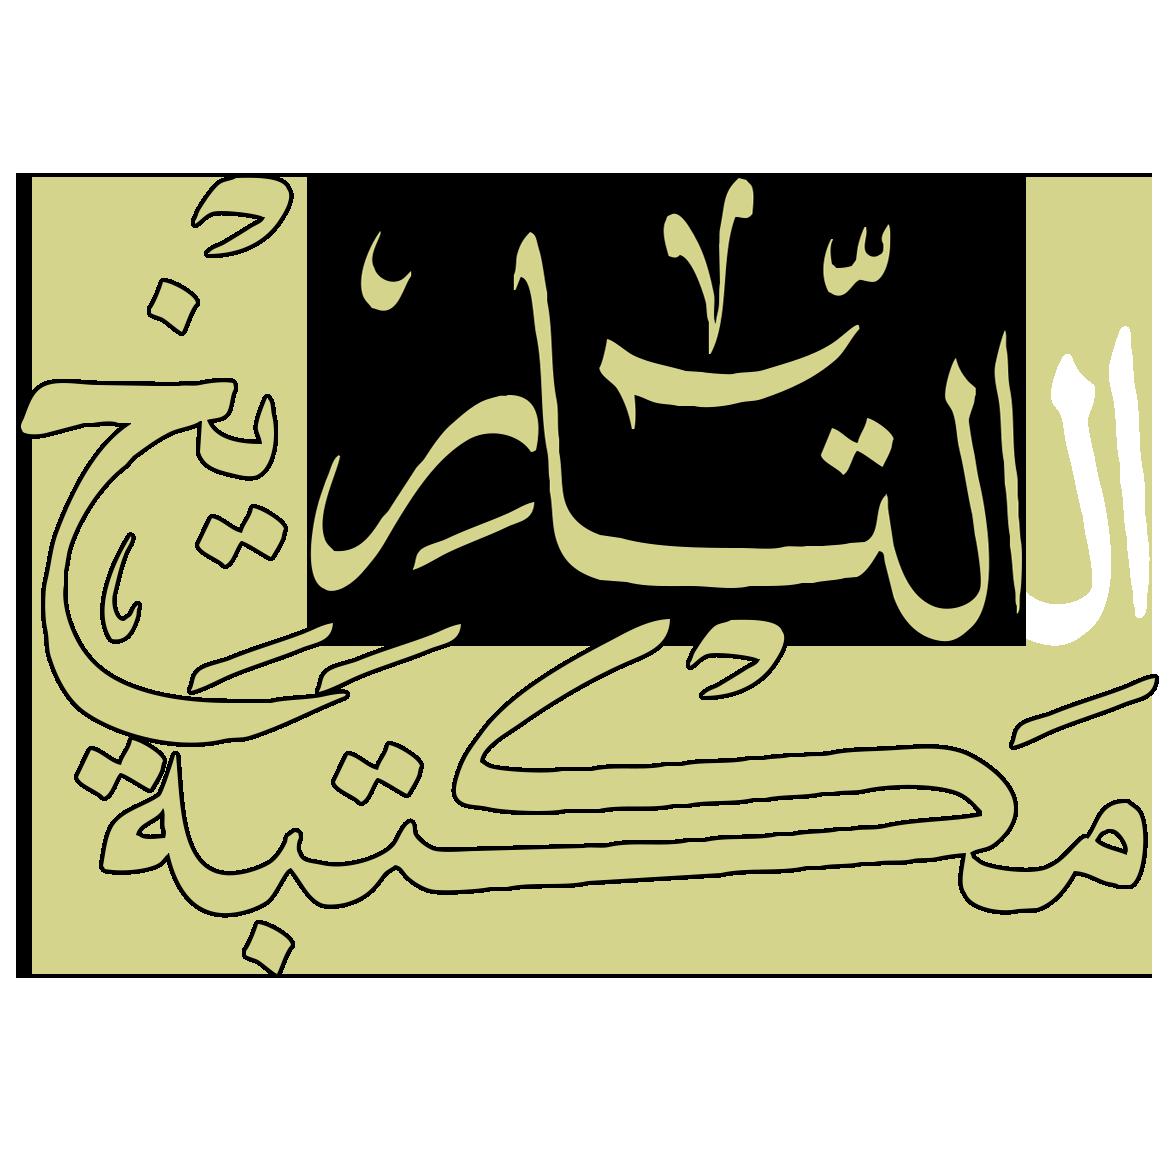 كتب تاريخ العرب قبل الأسلام والعصر الجاهلي